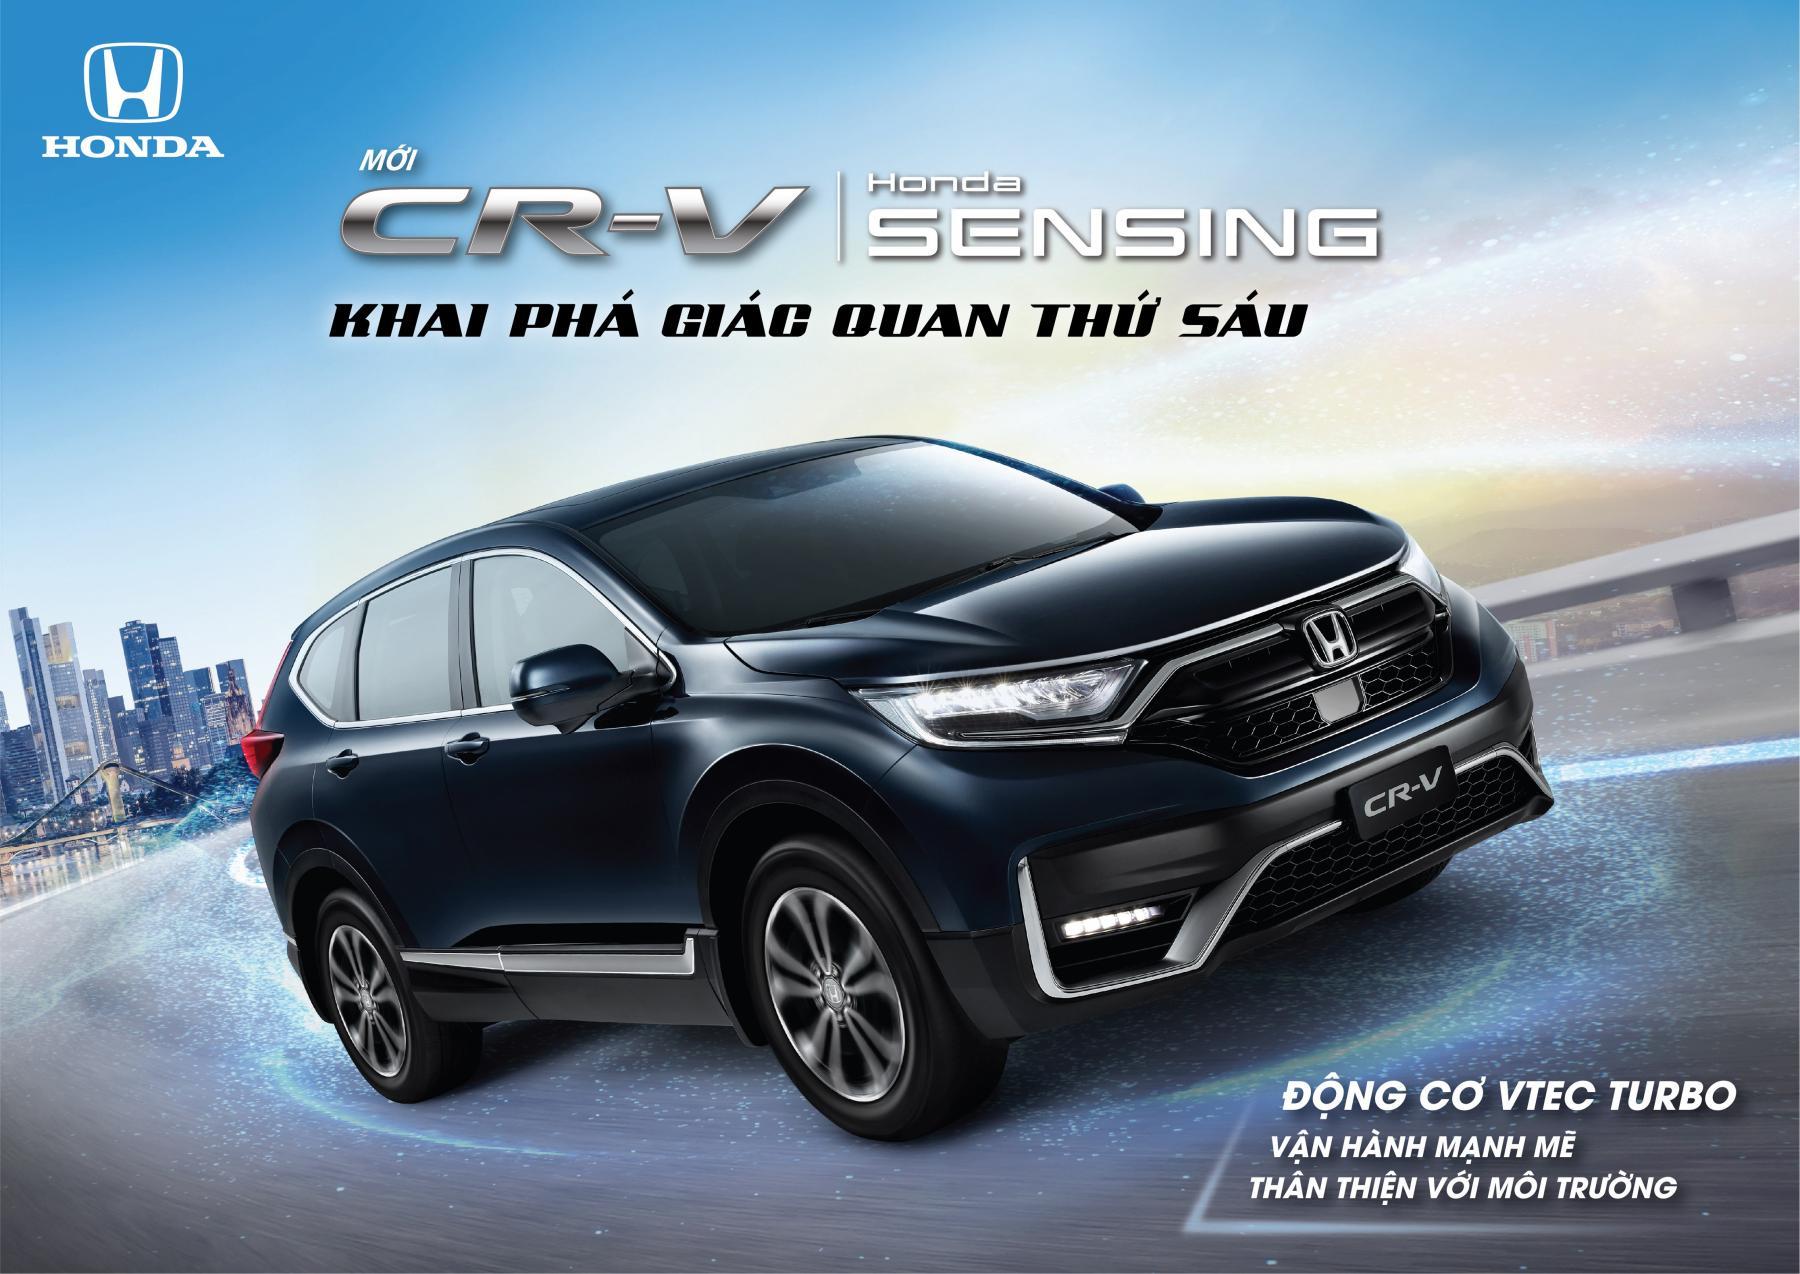 Honda CR-V 2020 - KHAI PHÁ GIÁC QUAN THỨ 6